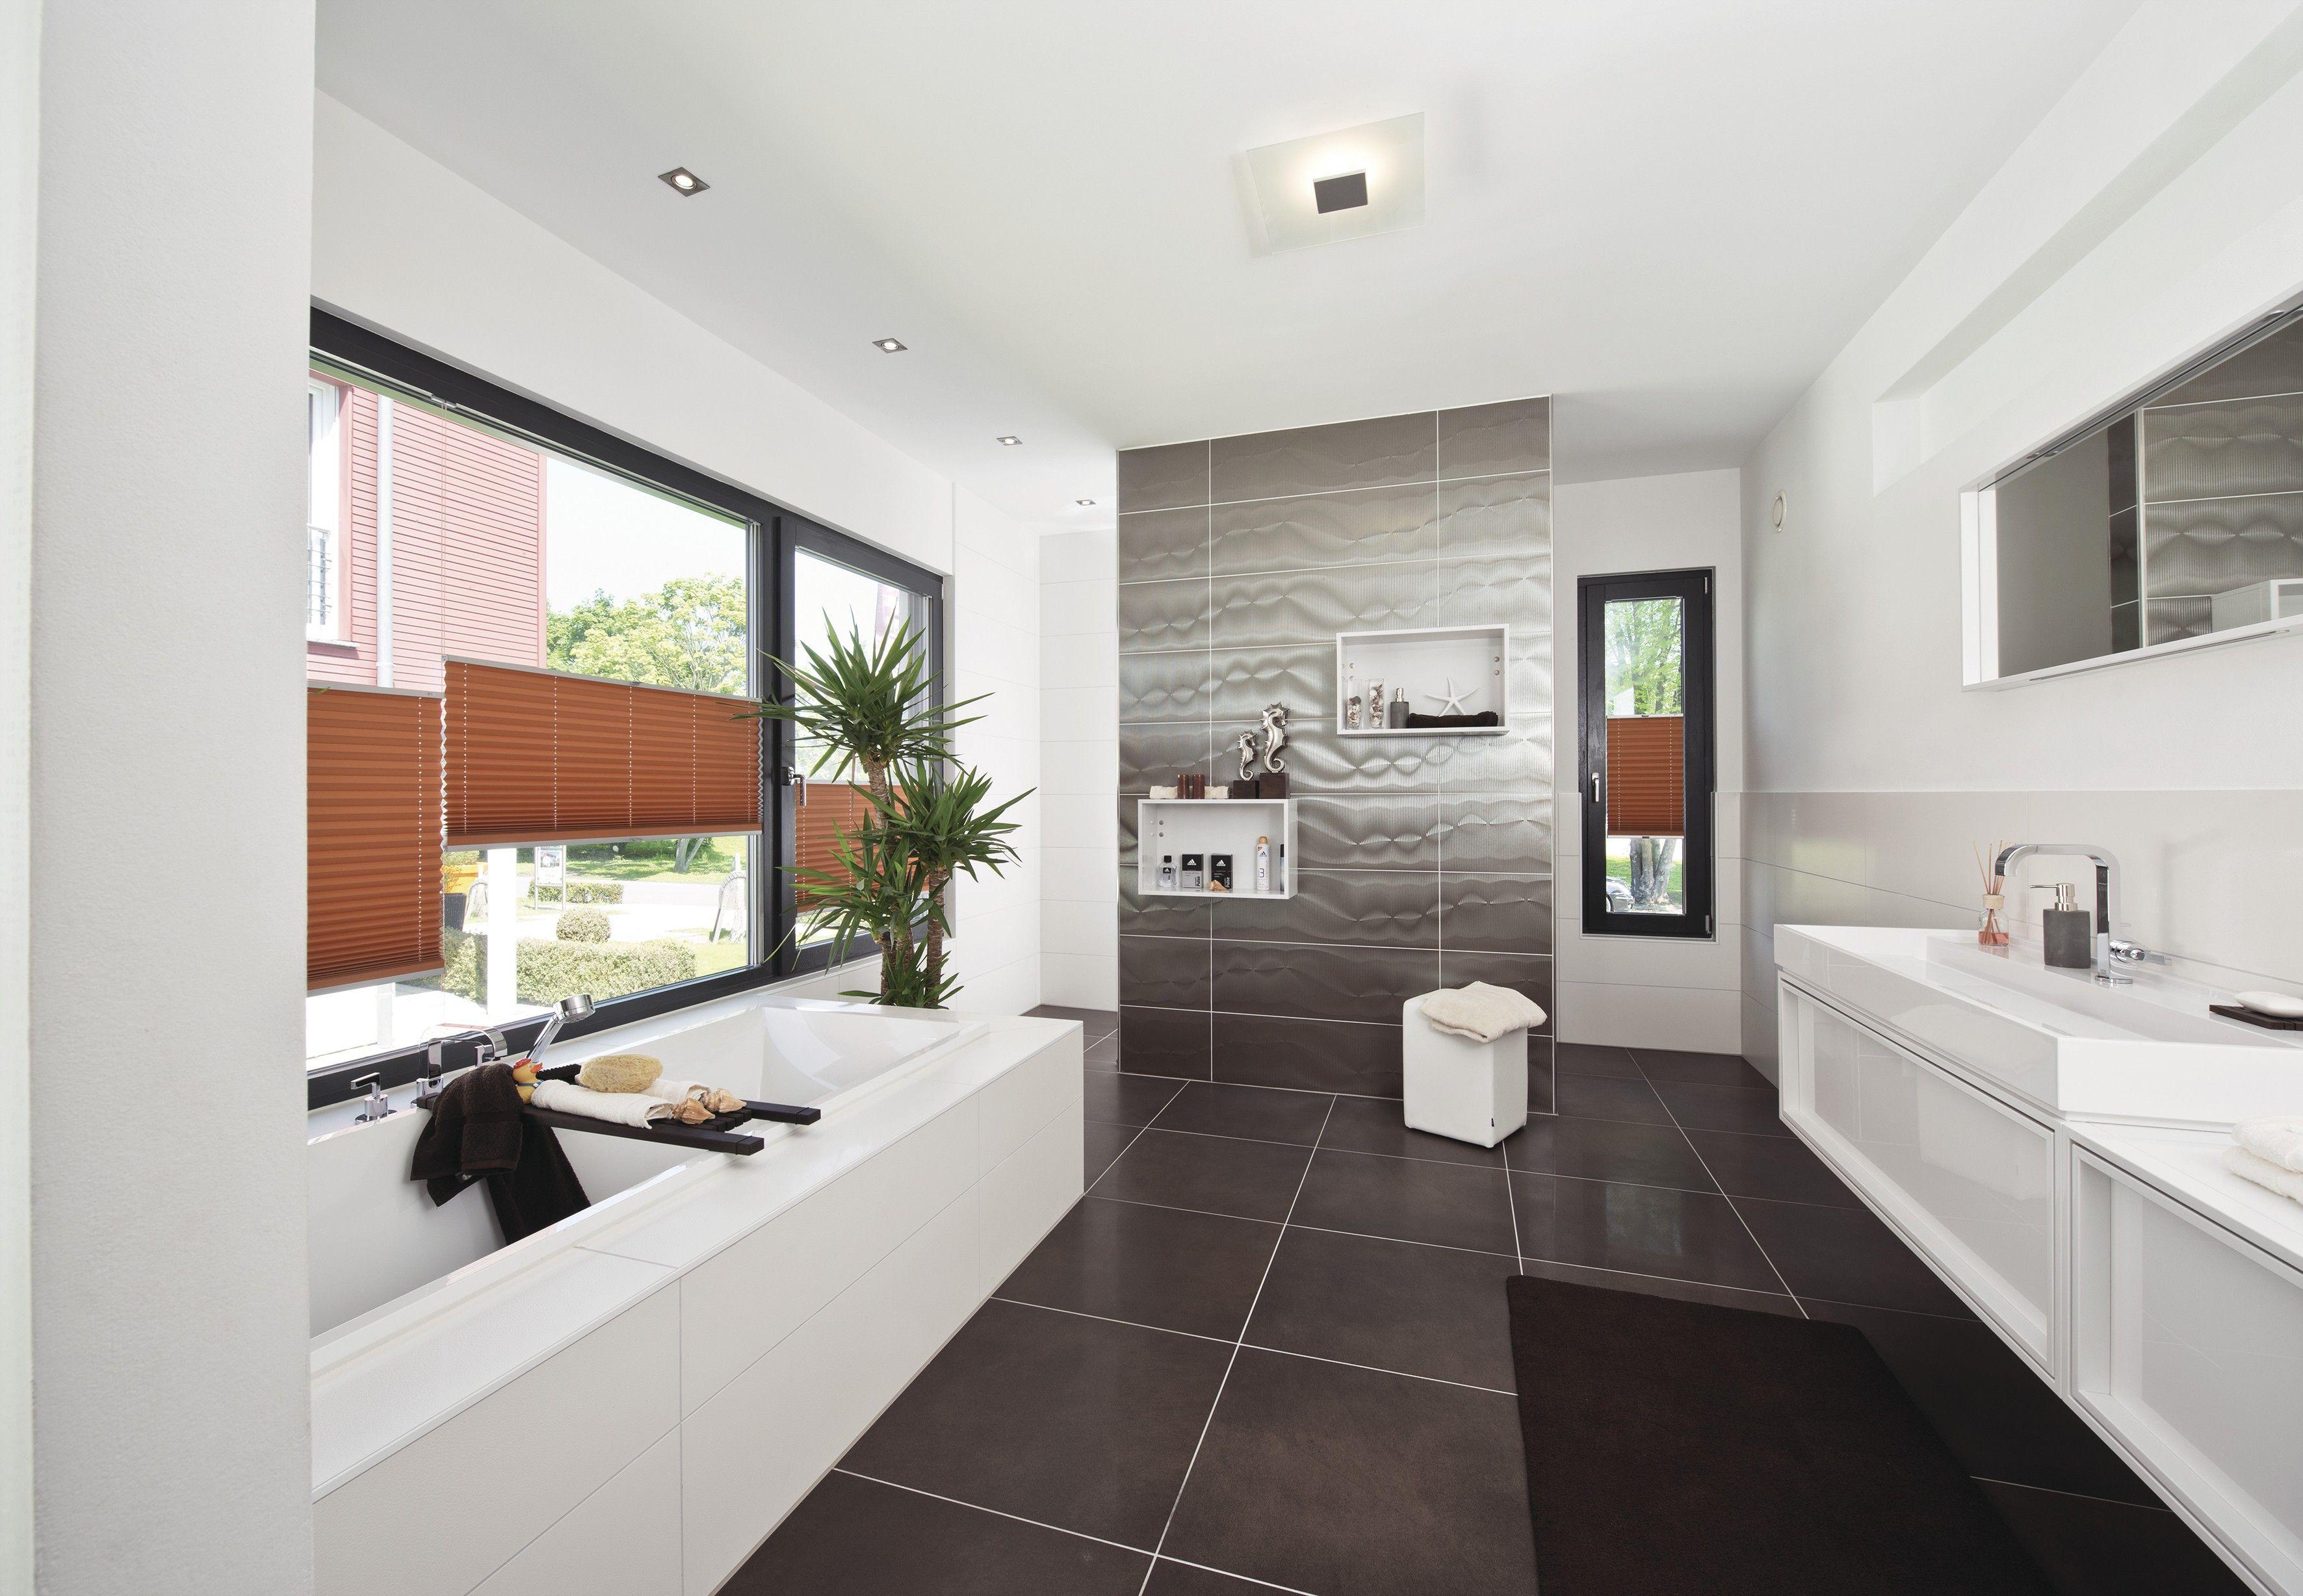 Wohnzimmer Inspiration aus einem Haus von WeberHaus Alle